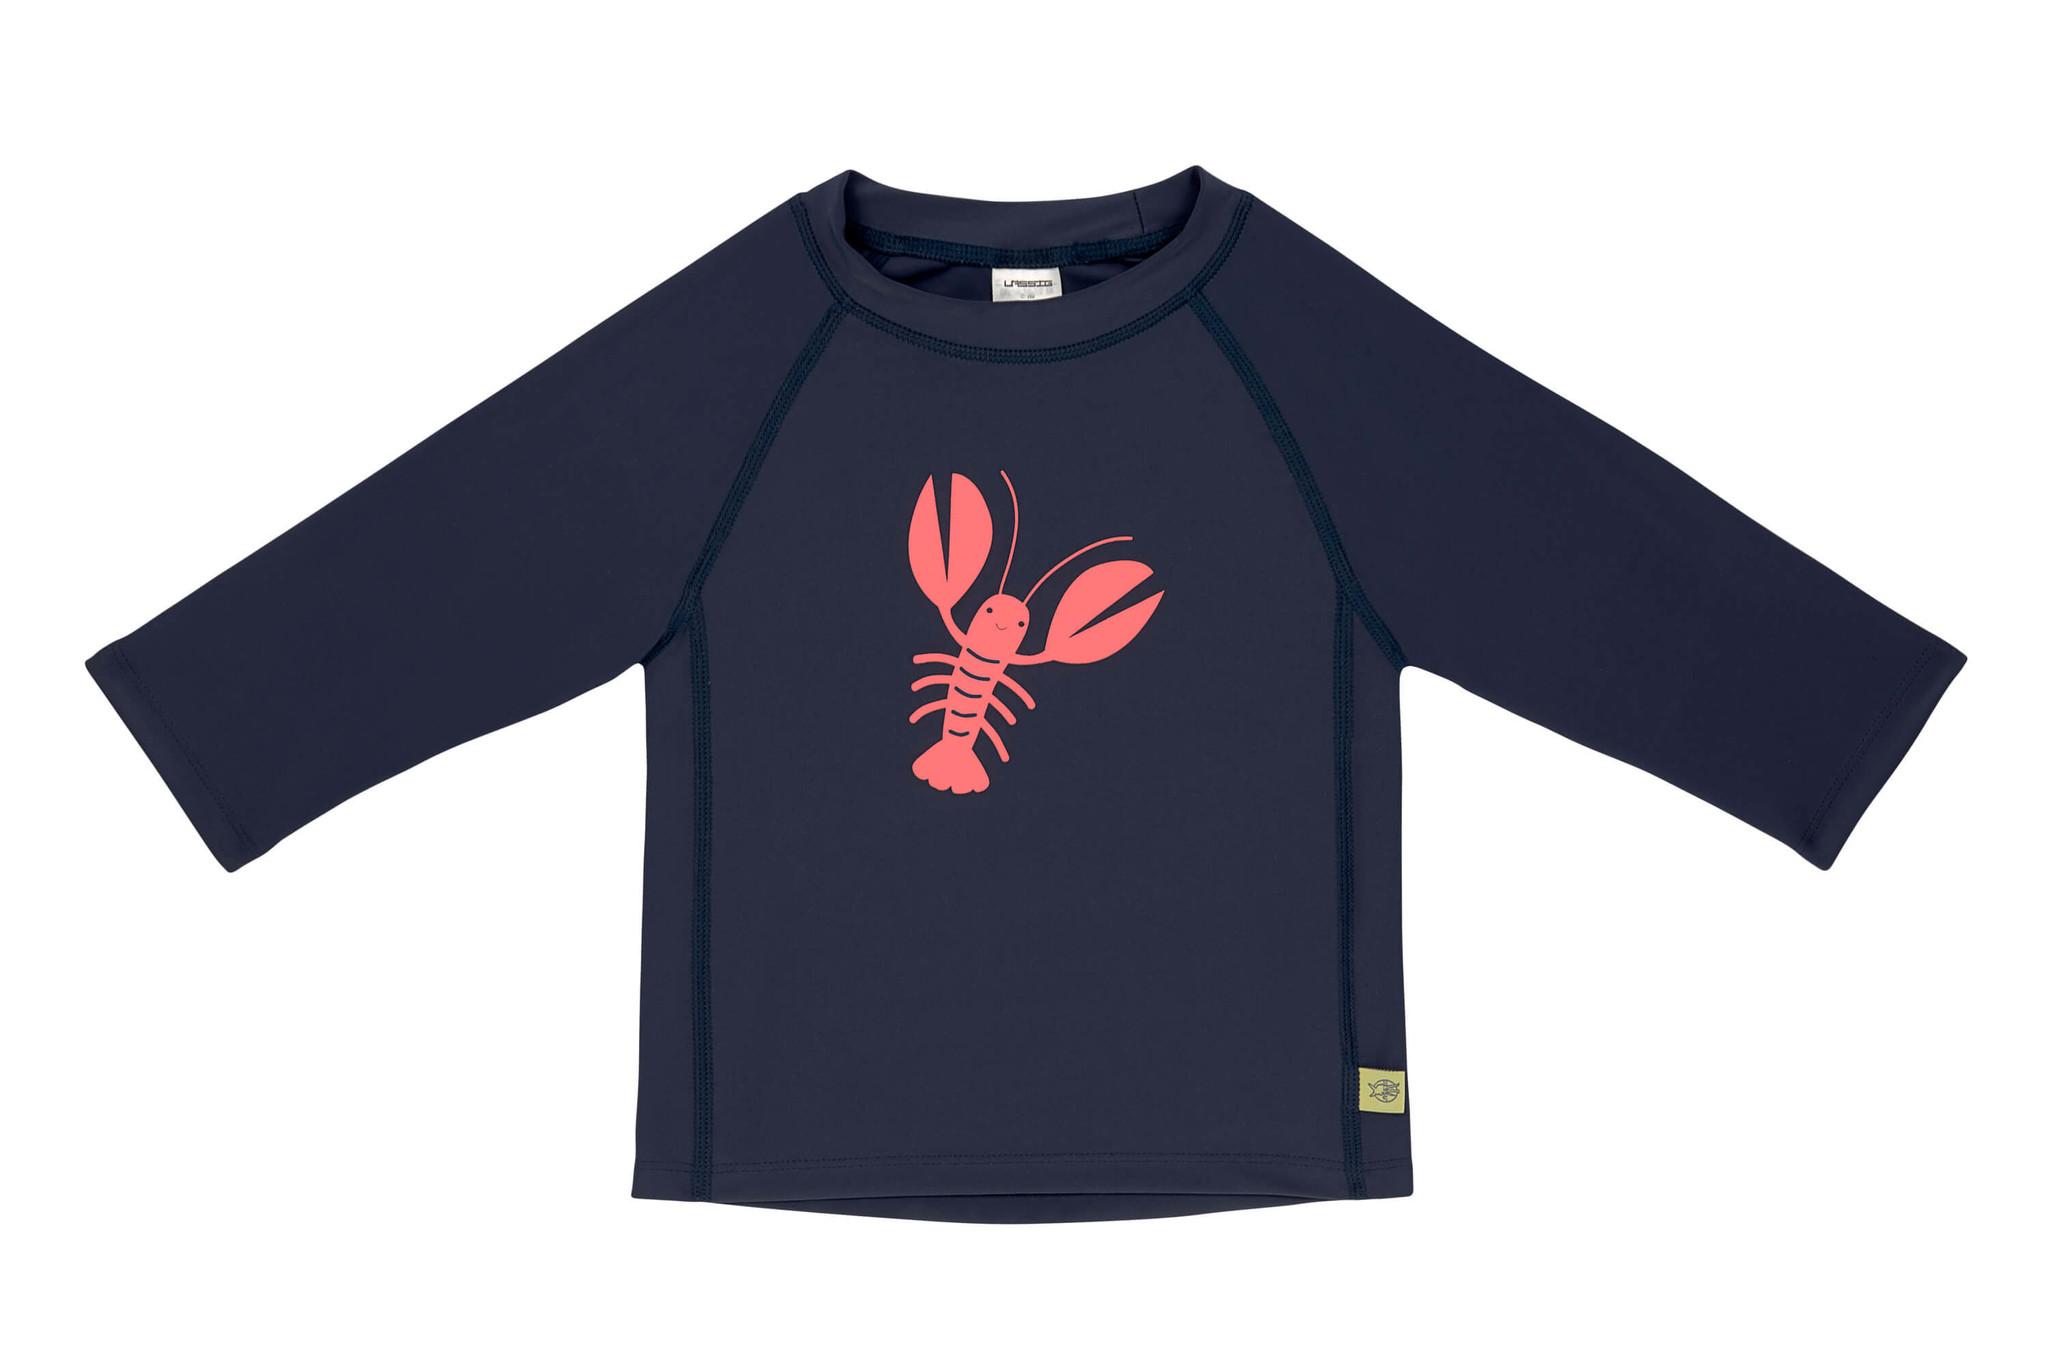 Lässig Lässig Splash & Fun Lange mouw Rashguard / zwemshirt - Lobster